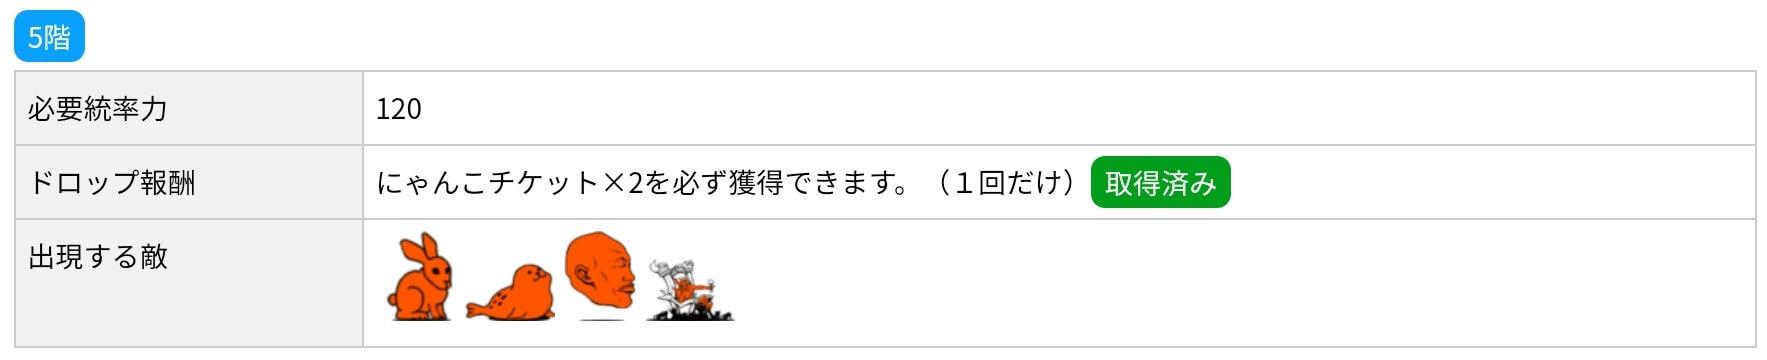 にゃんこ別塔(赤)5階 敵編成